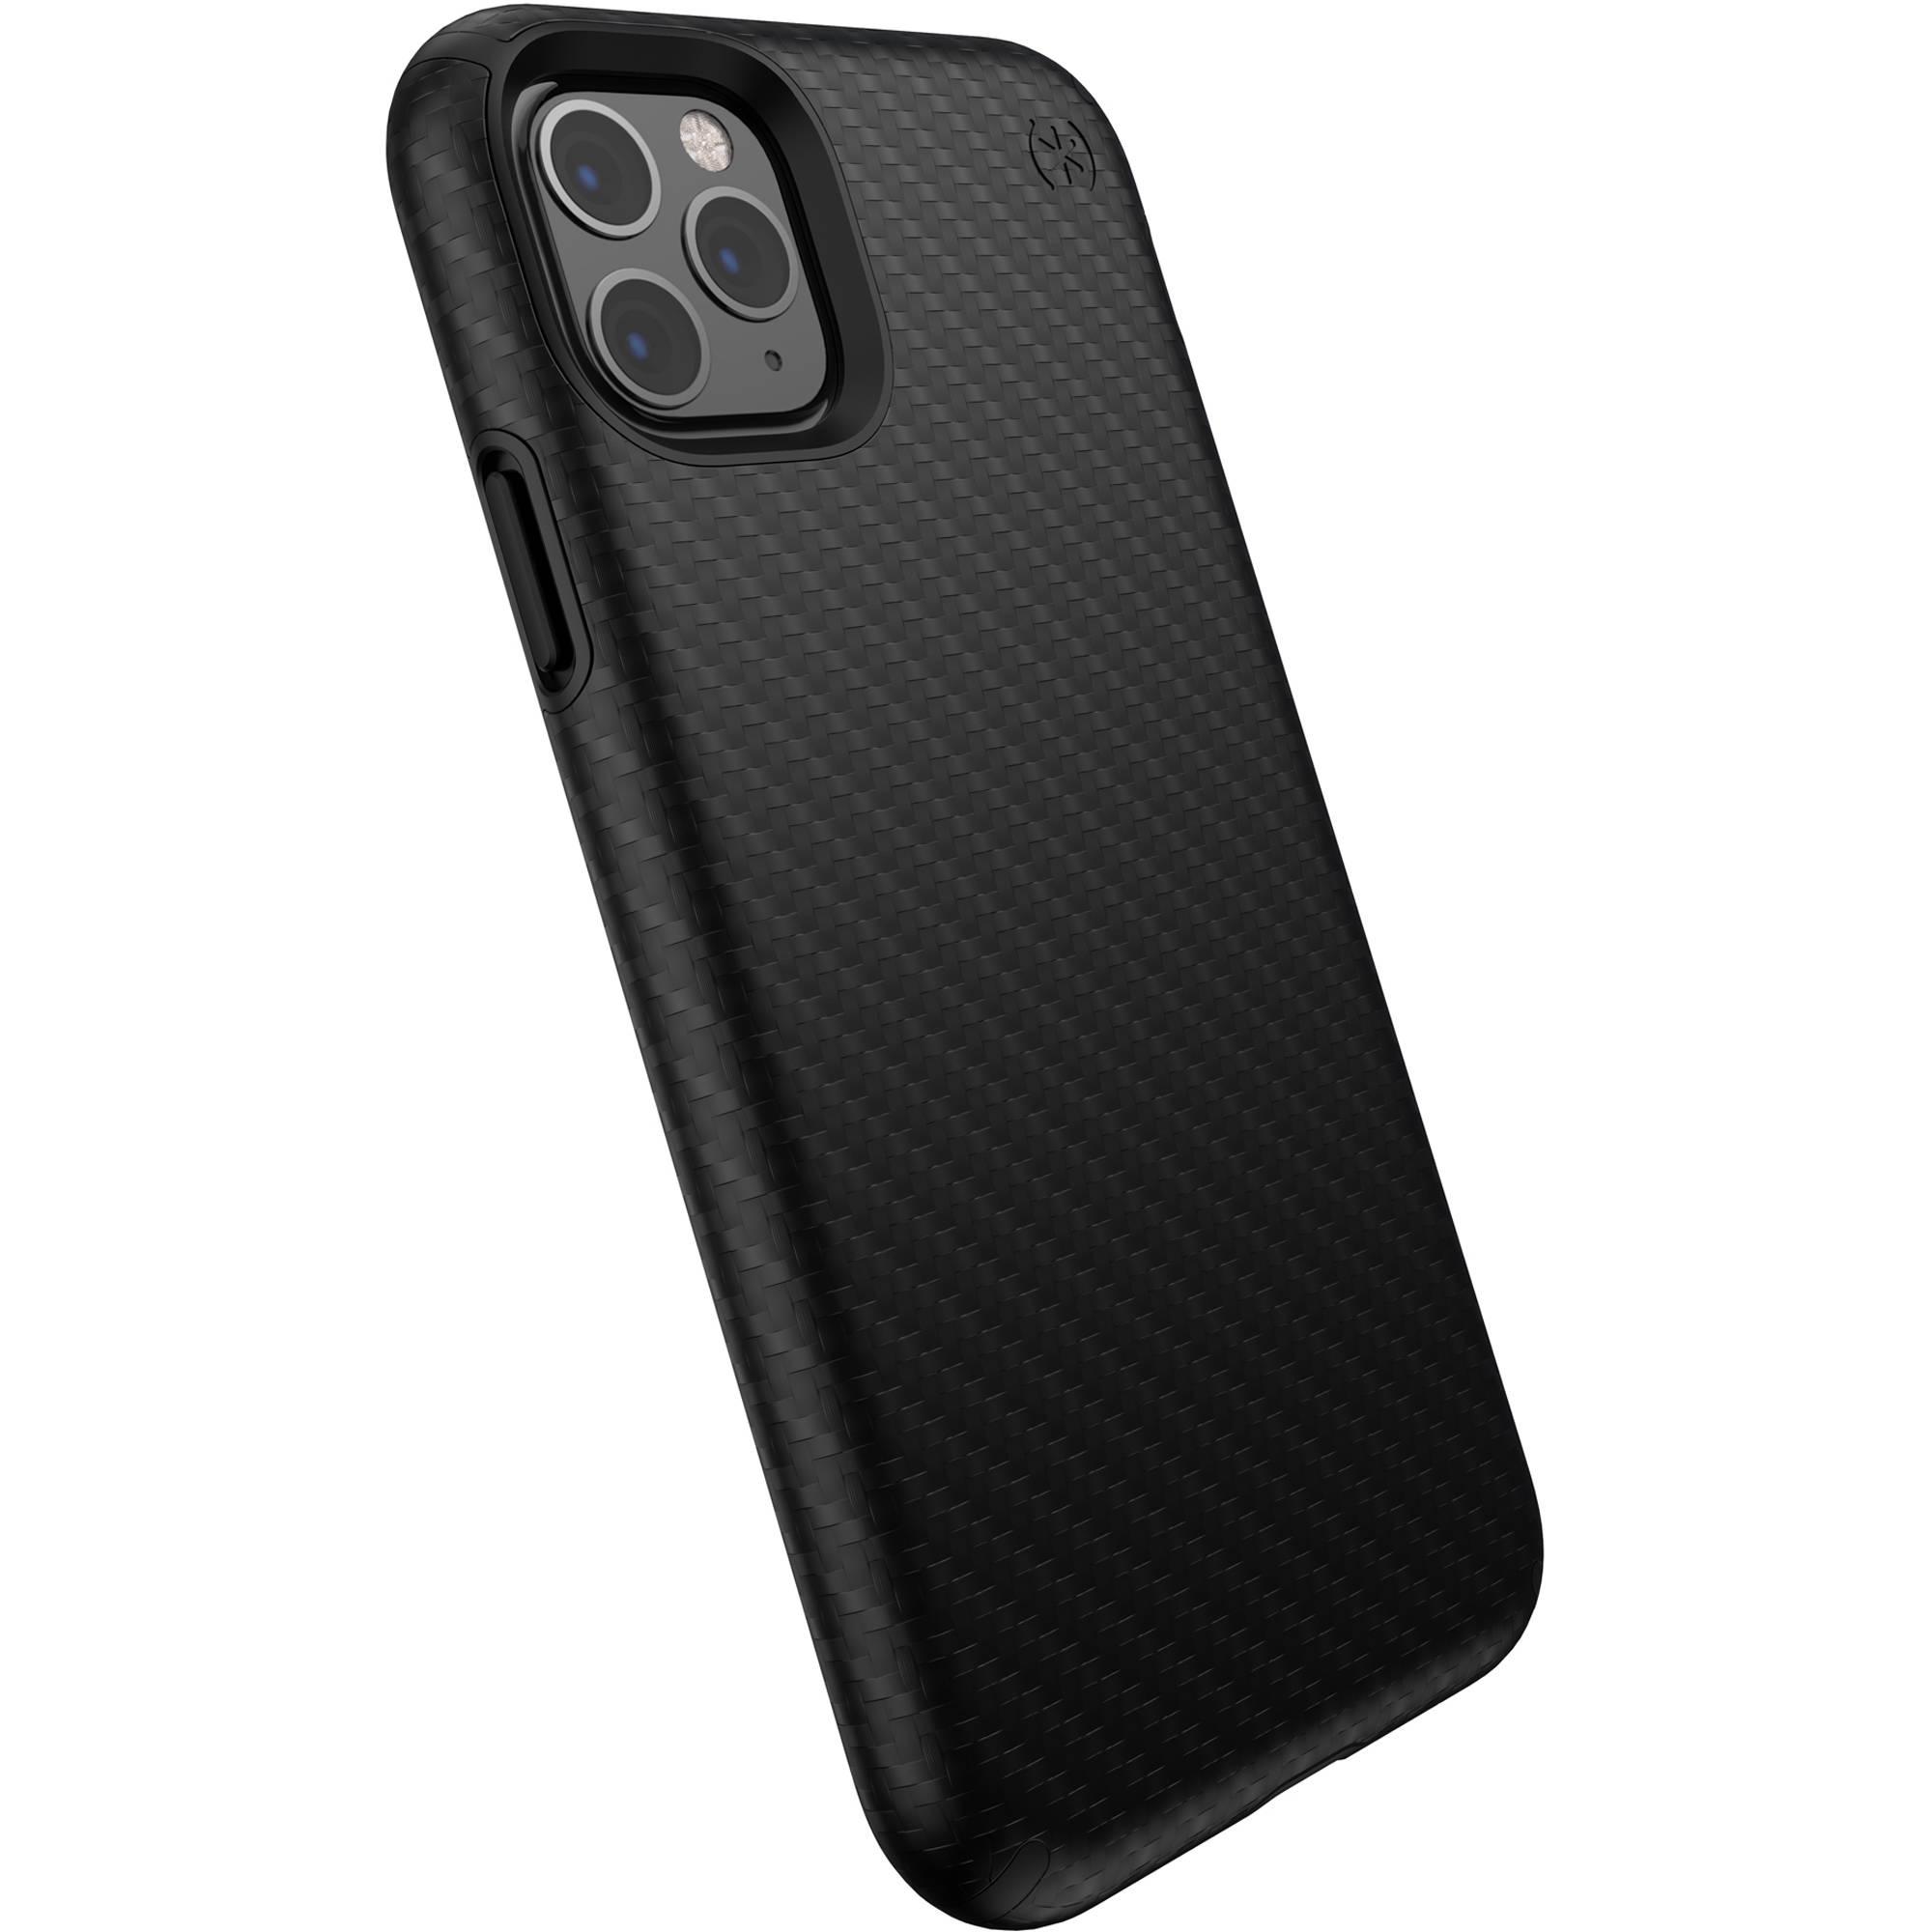 Speck Presidio Pro Carbon Case for iPhone 11 Pro Max